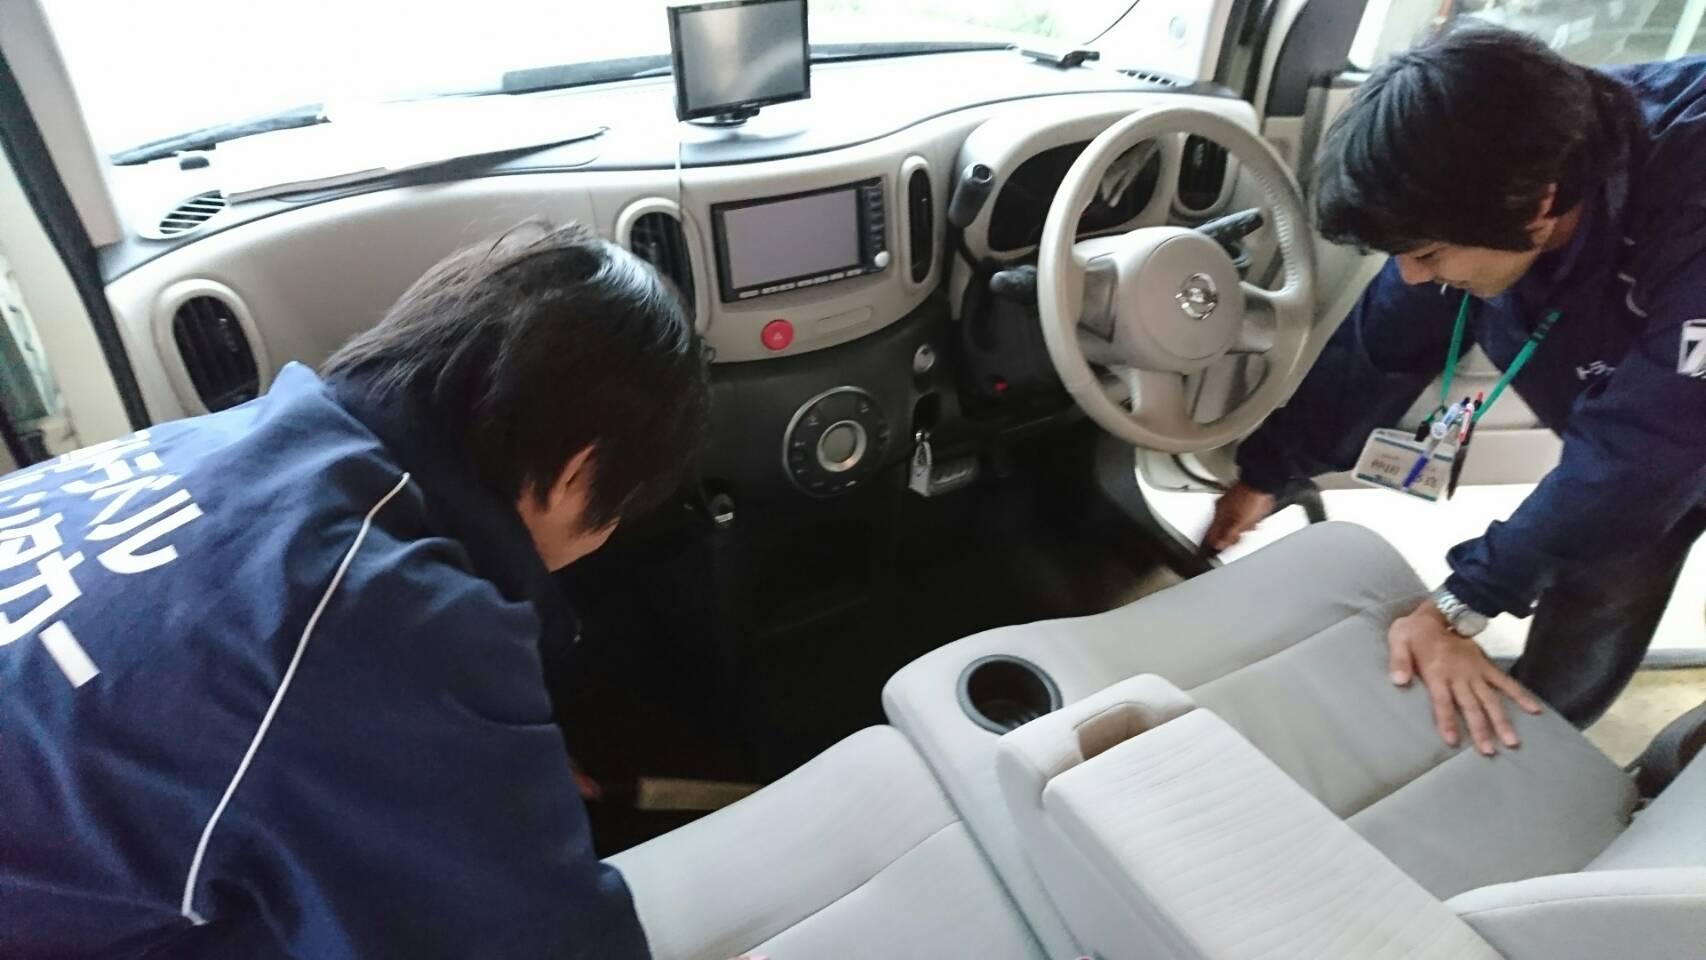 レンタカー業務全般スタッフ★宮古島で働こう~将来の幹部候補も同時募集★